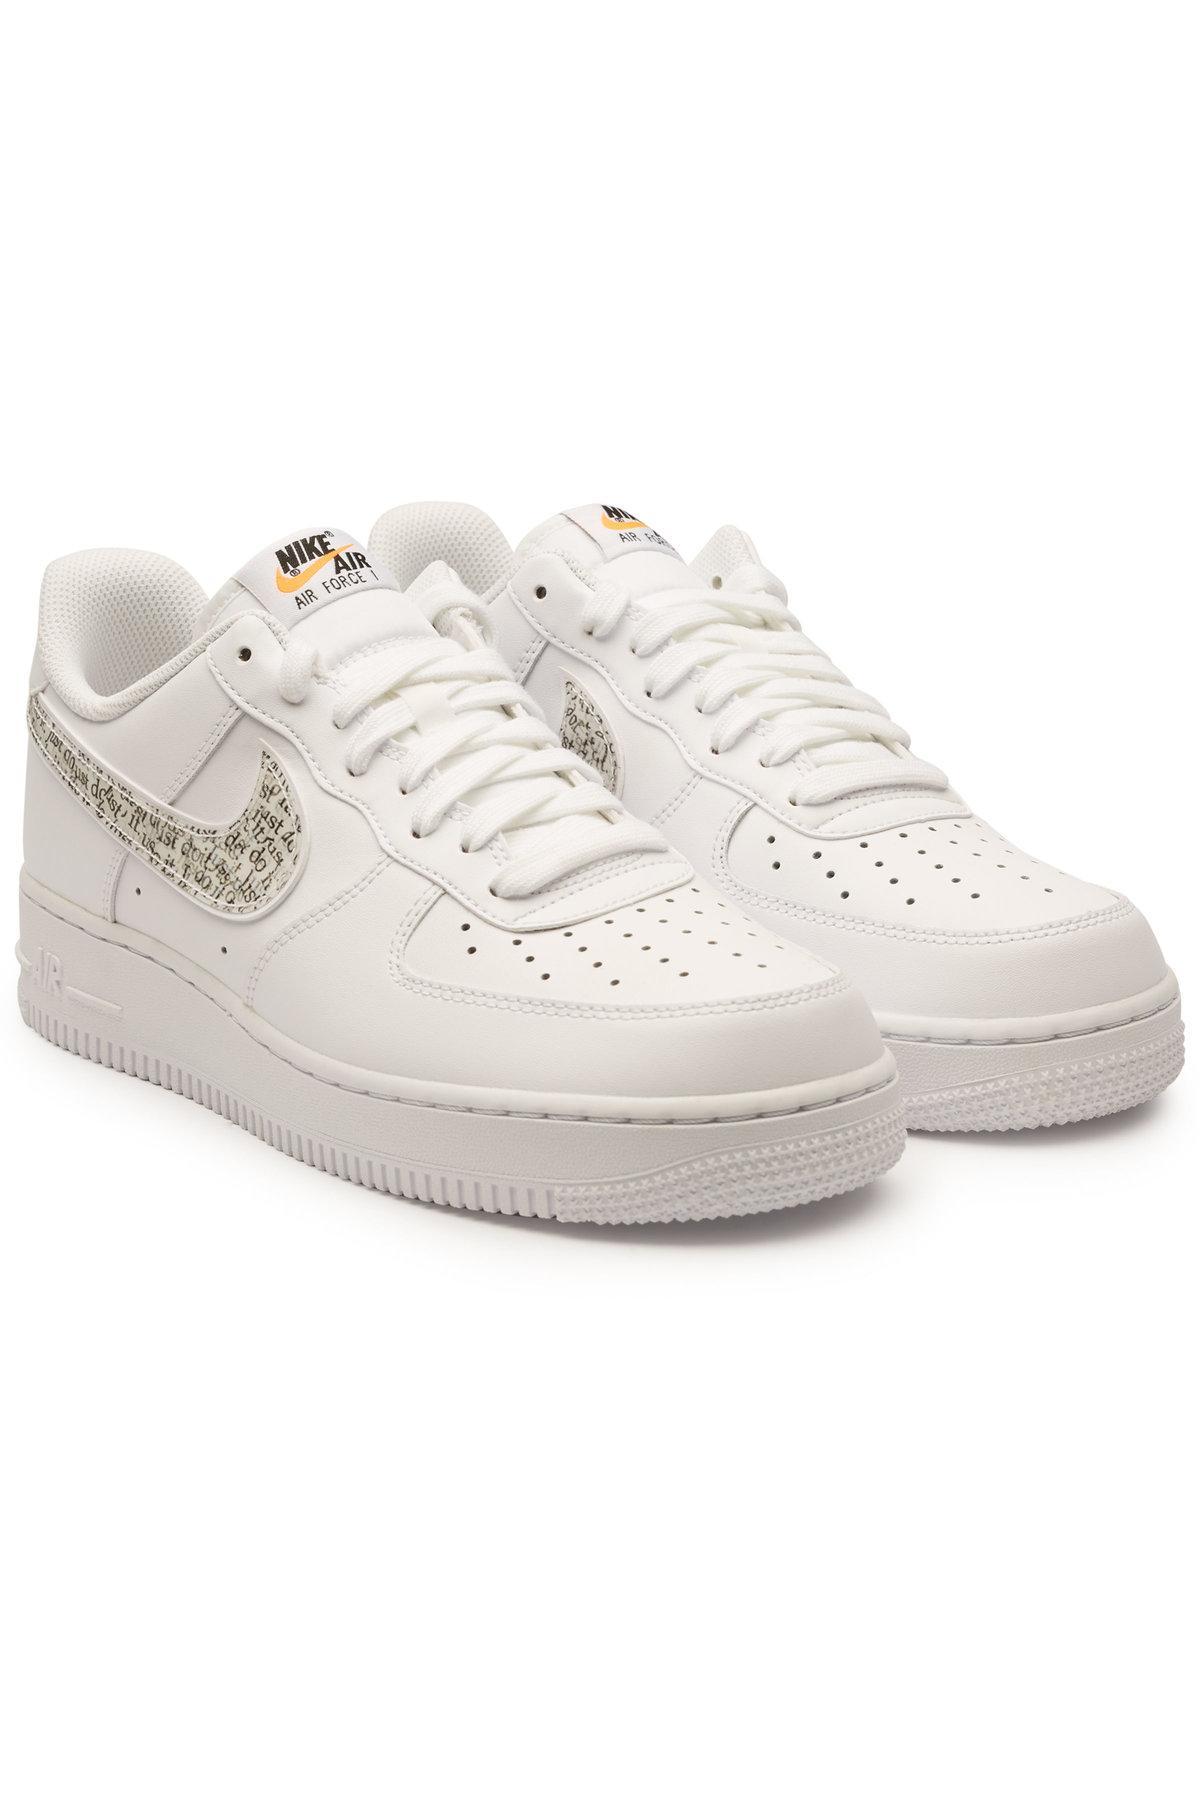 Nike Air Force 1 '07 LV8 Sneaker Herren weiß blau im Online Shop von SportScheck kaufen